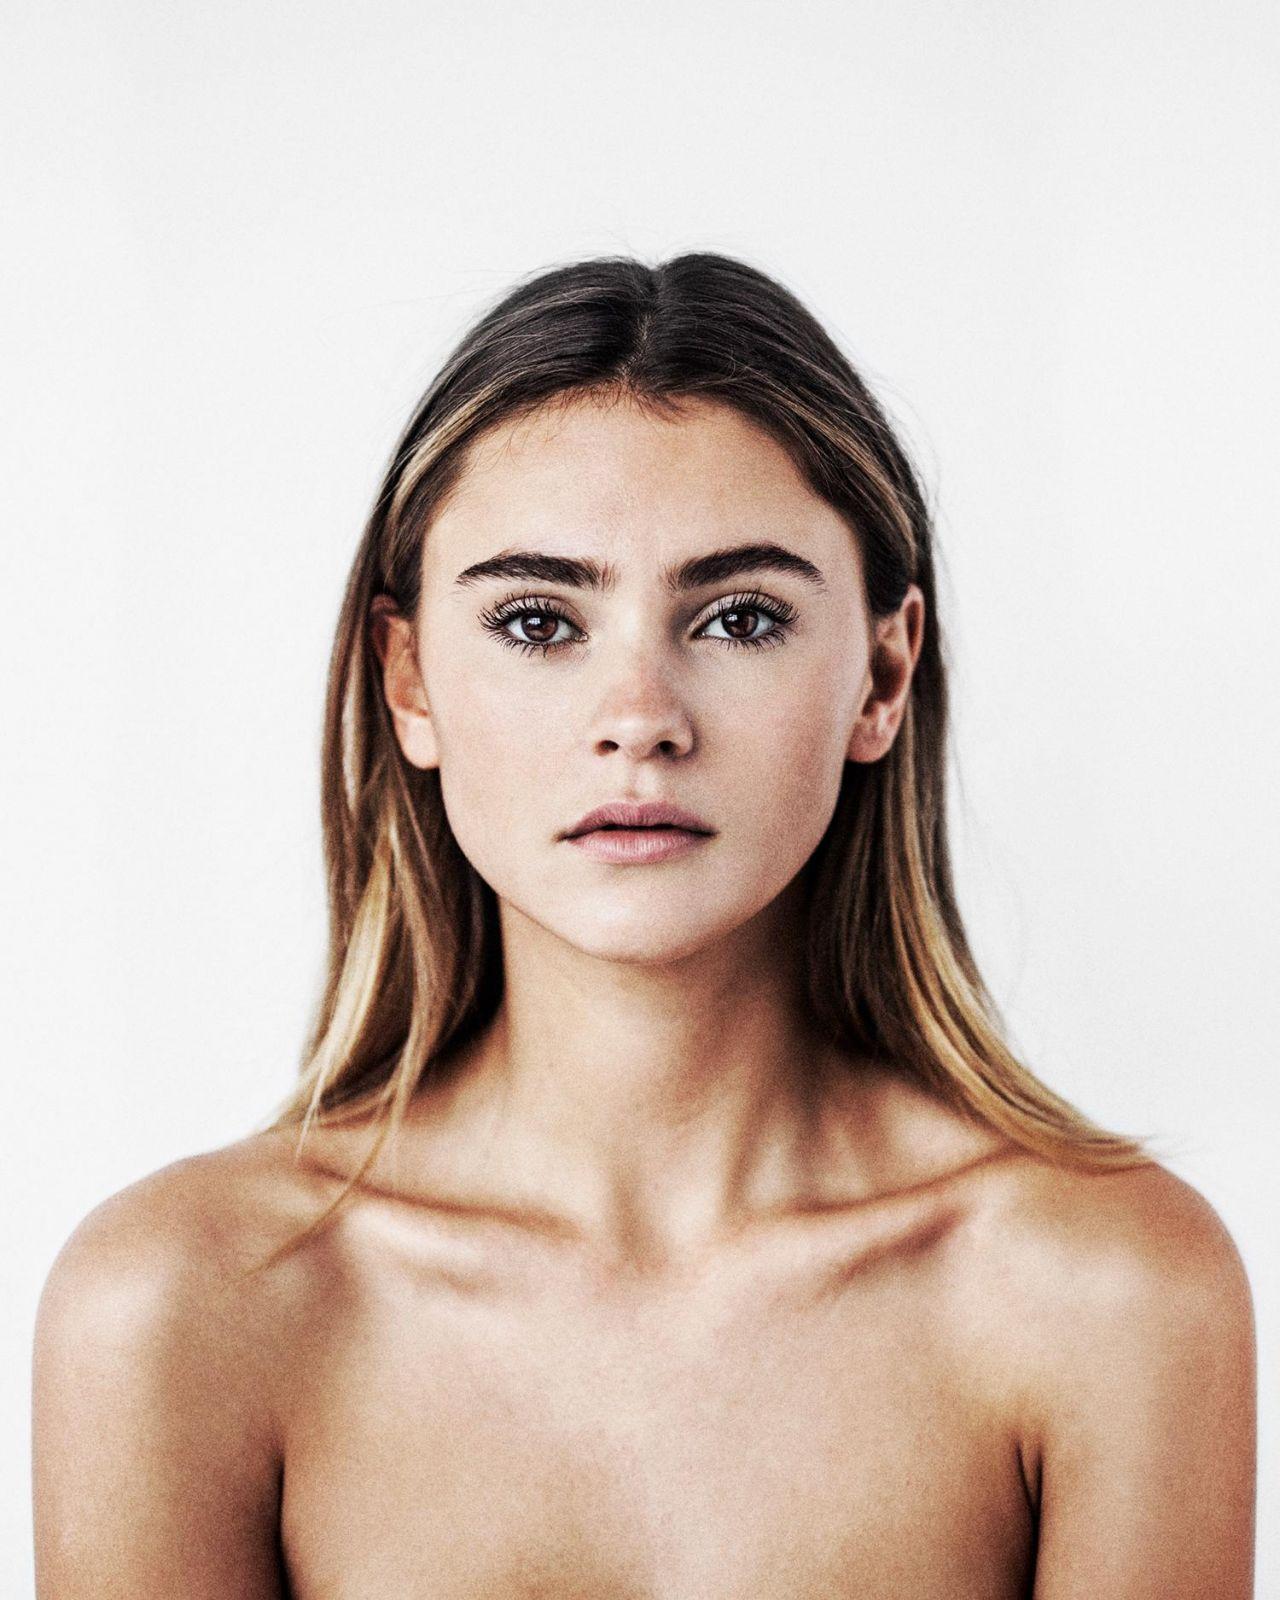 Claudia Vieira Nude Photos